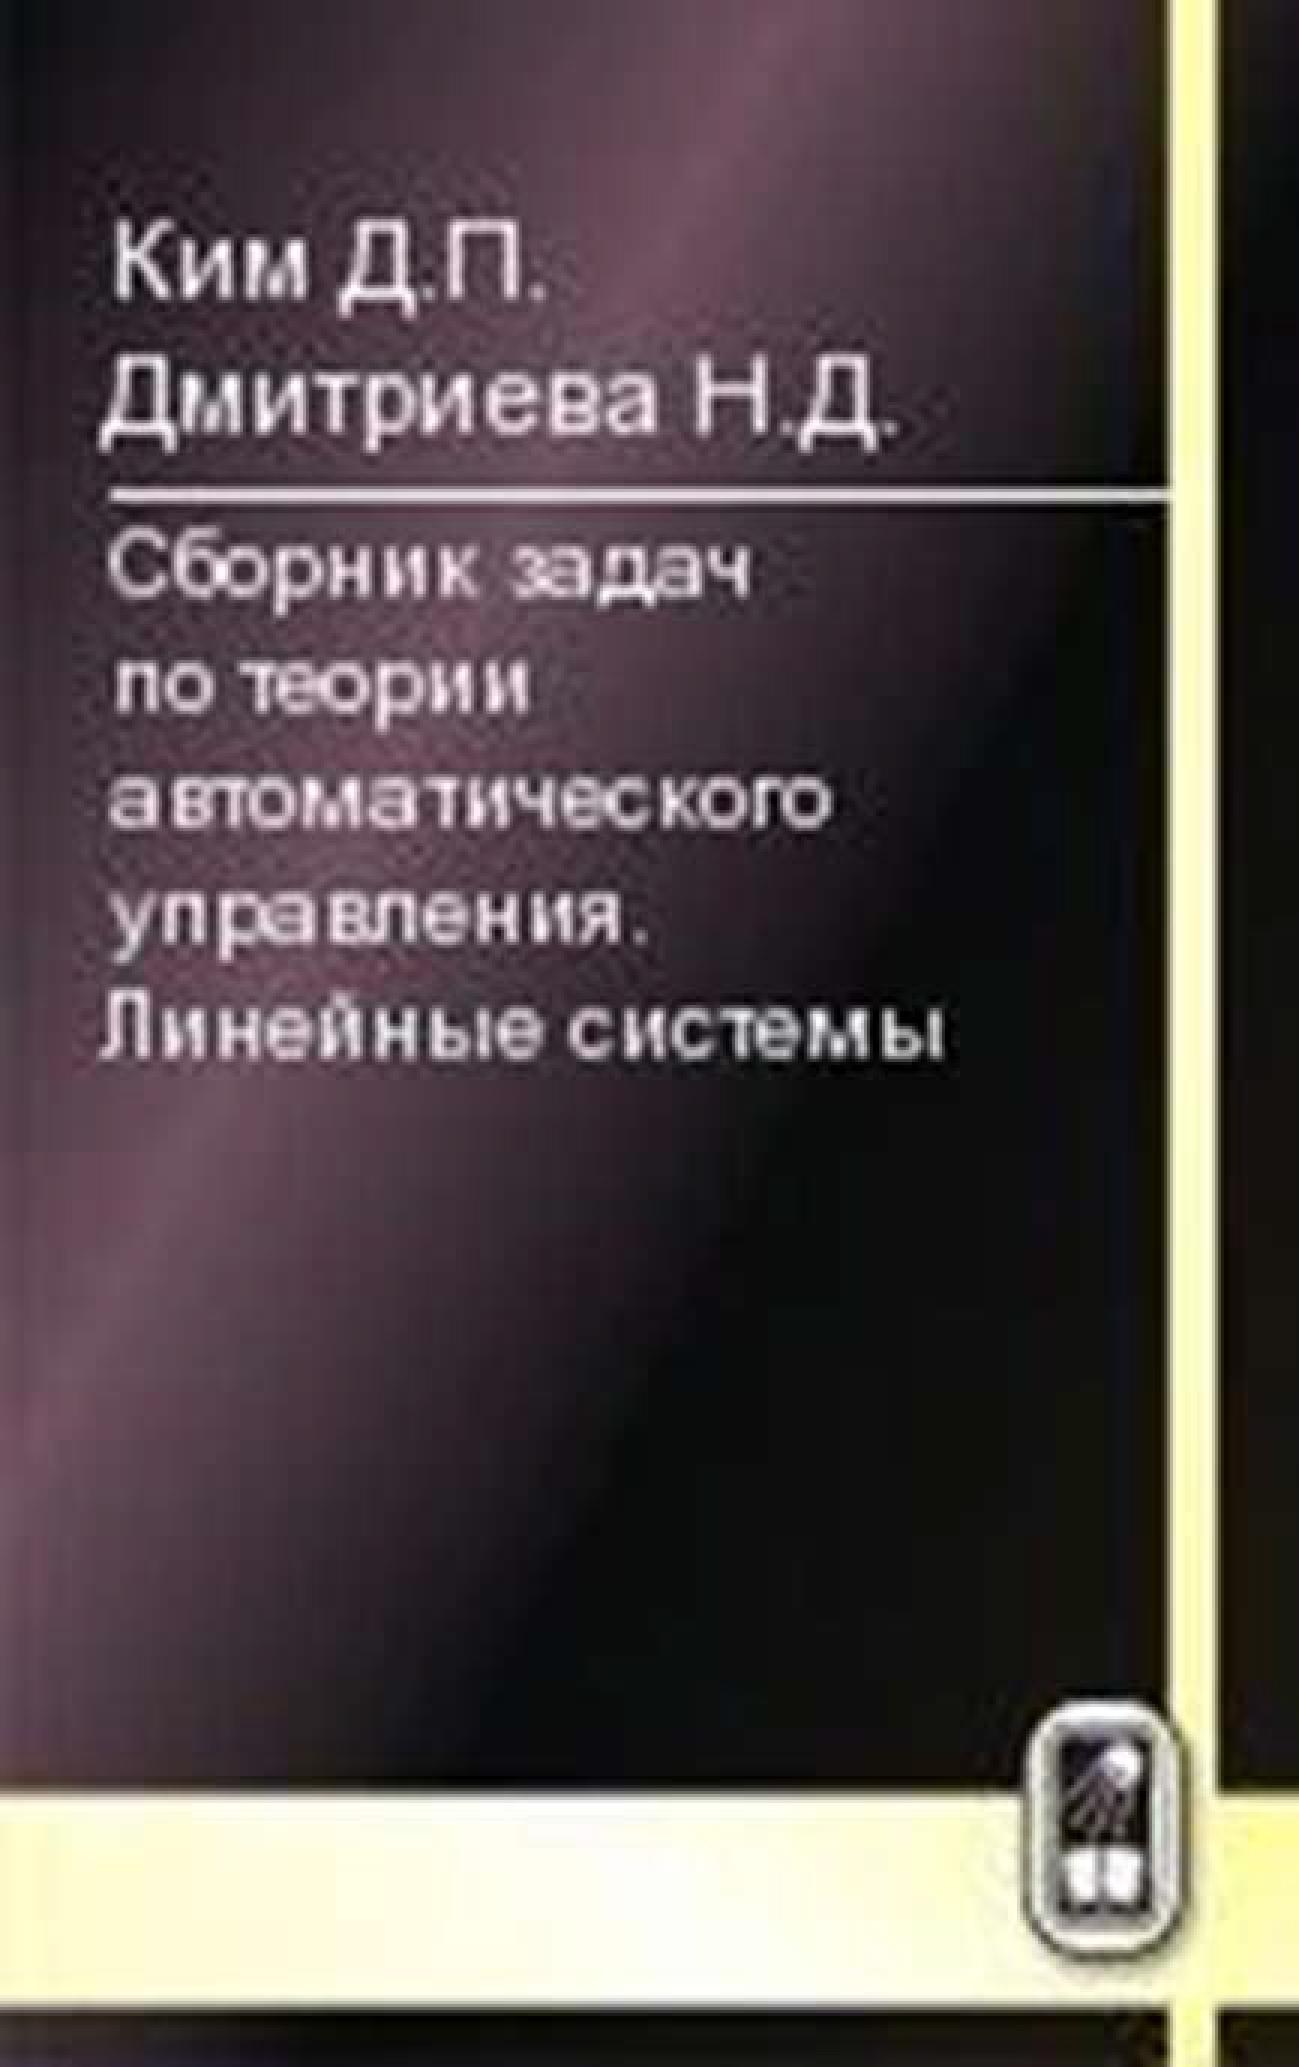 Никтерне Дмитриева Сборник задач по теории автоматического управления. Линейные системы цена и фото